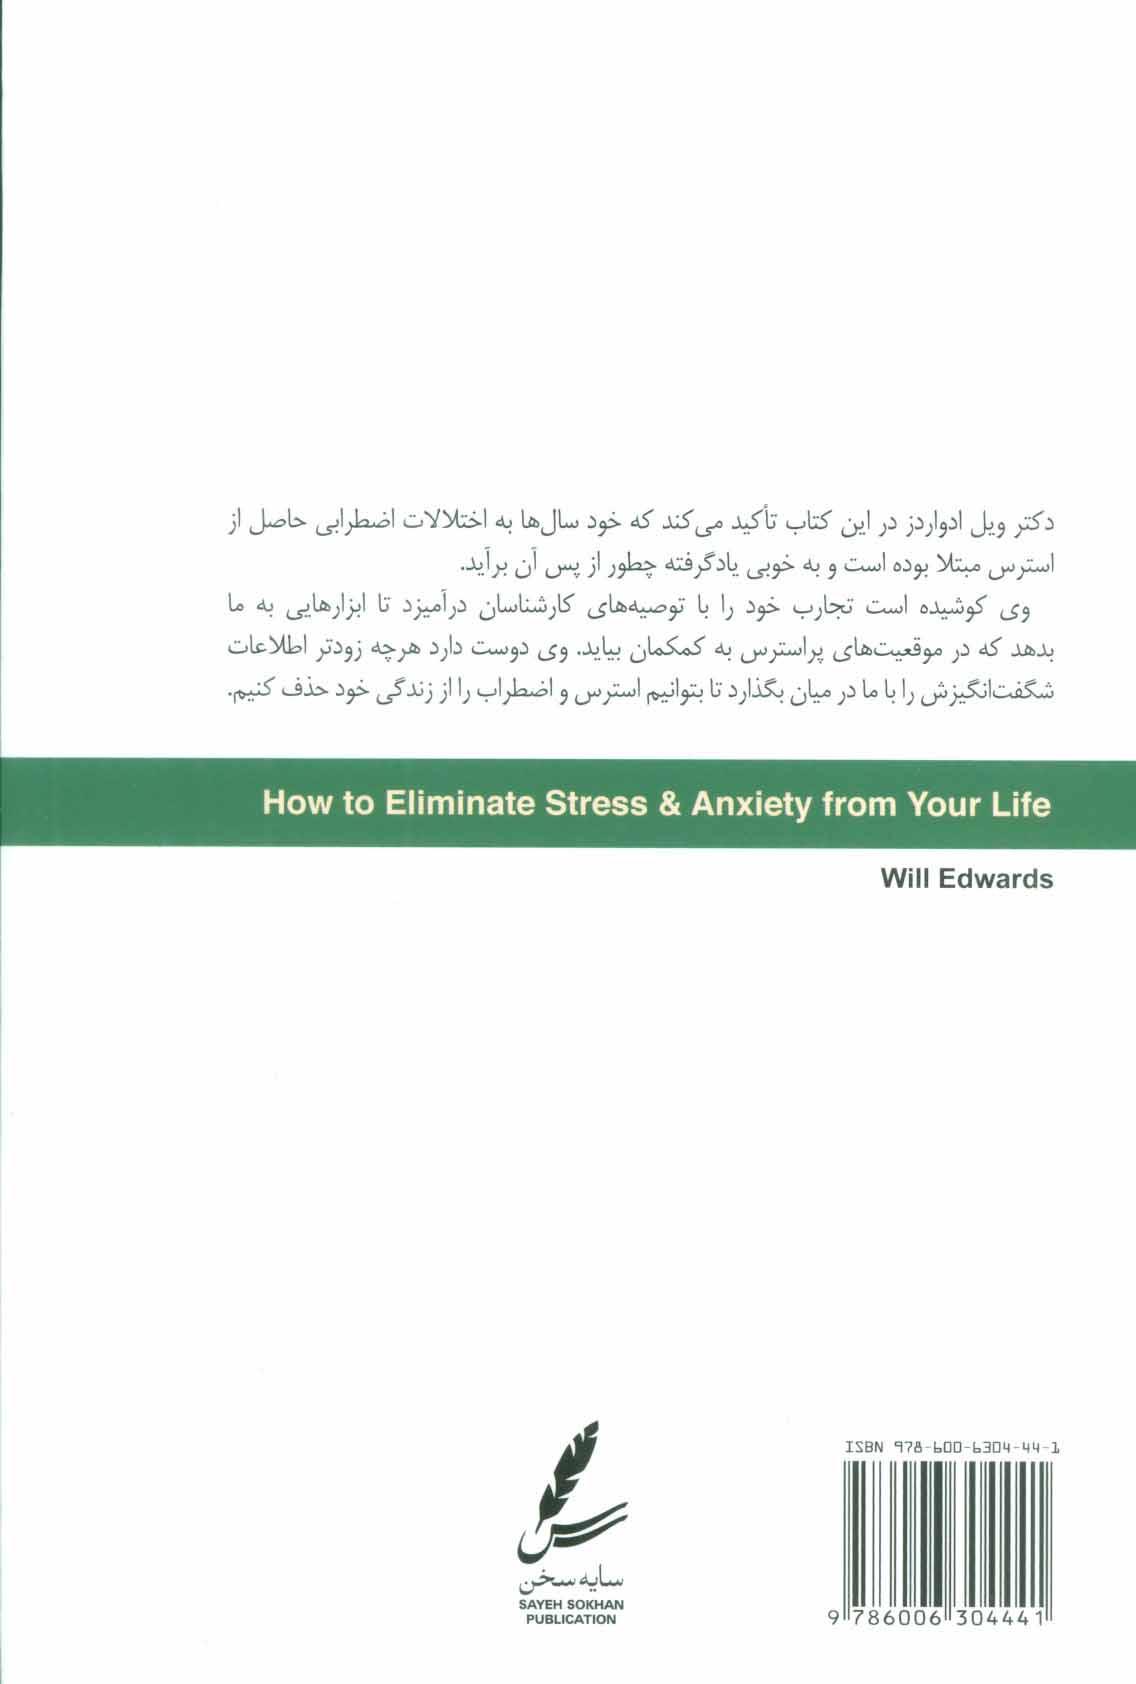 ماهور زندگی (چطور استرس و اضطراب را از زندگی حذف کنیم)